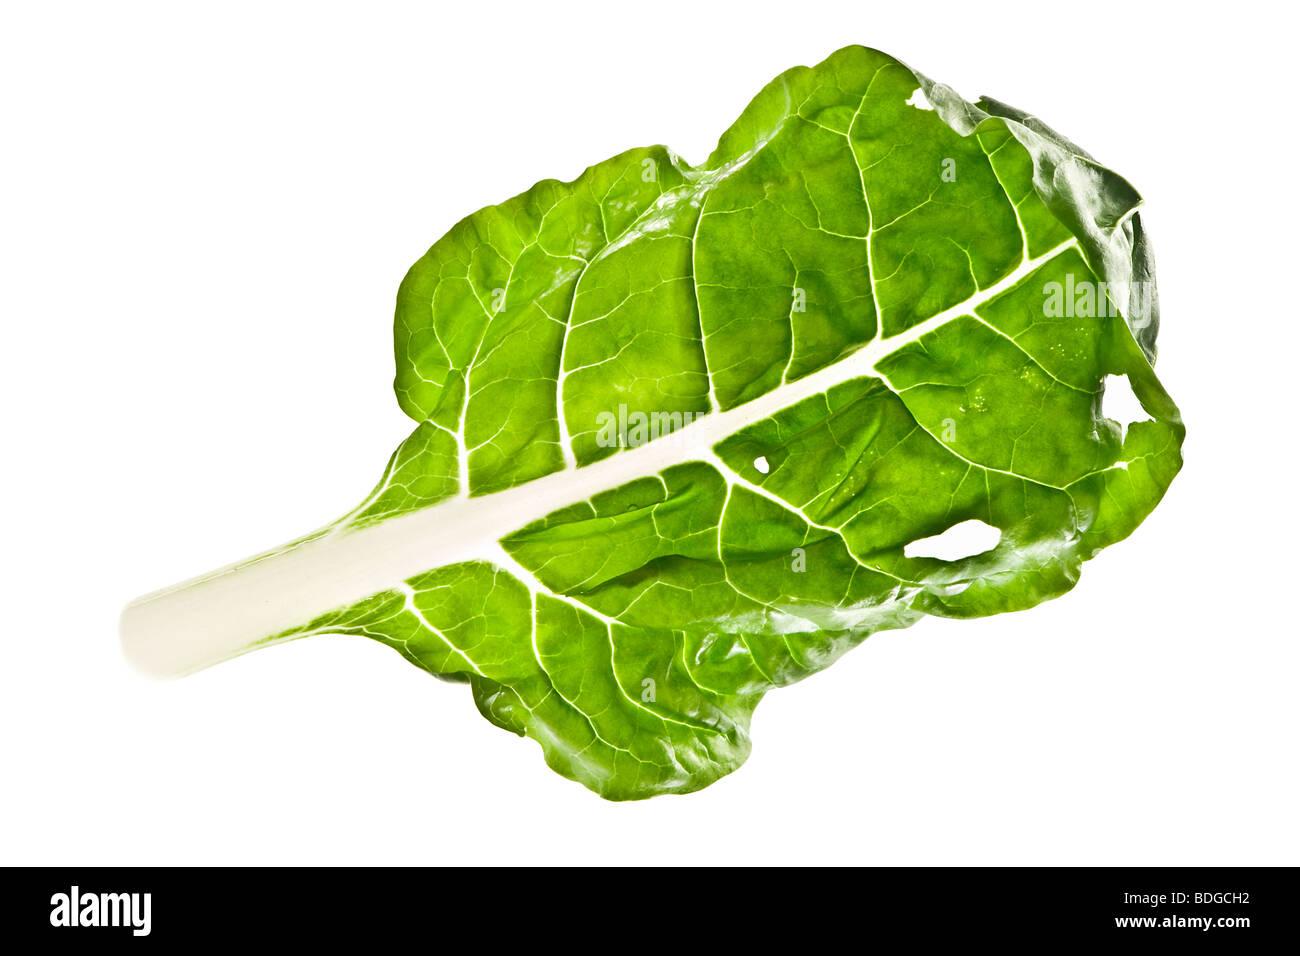 leaf of bok choy isolated - Stock Image